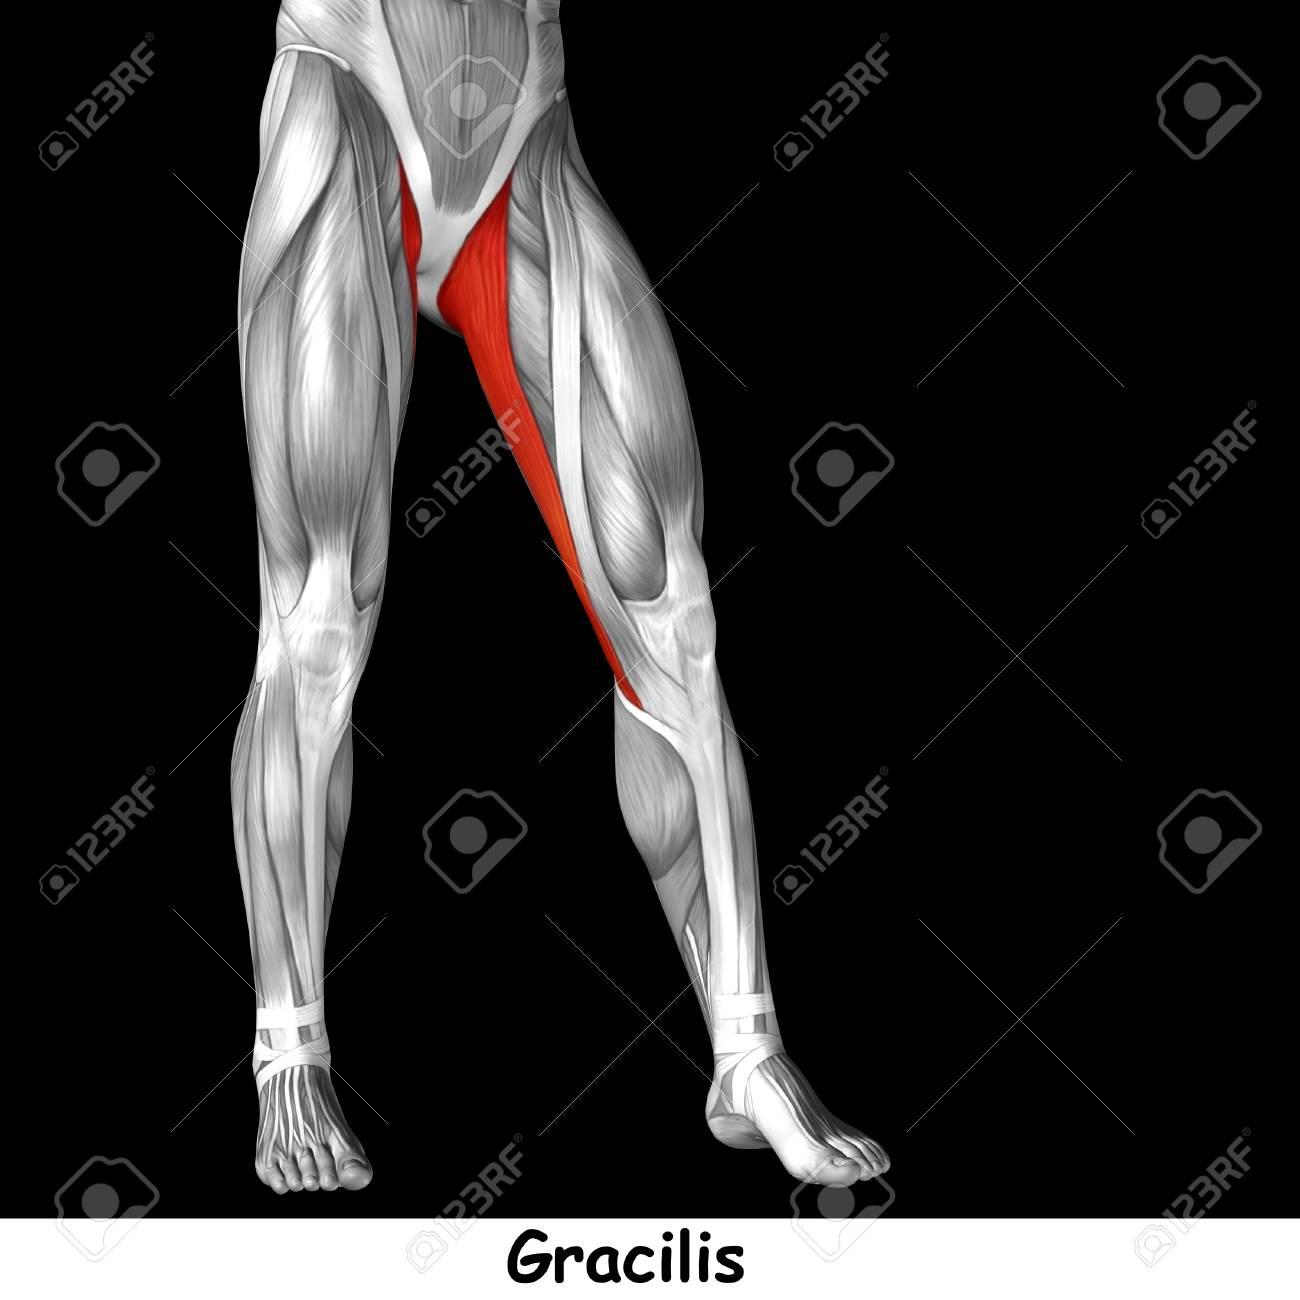 Increíble Gracilis Anatomía Muscular Cresta - Imágenes de Anatomía ...